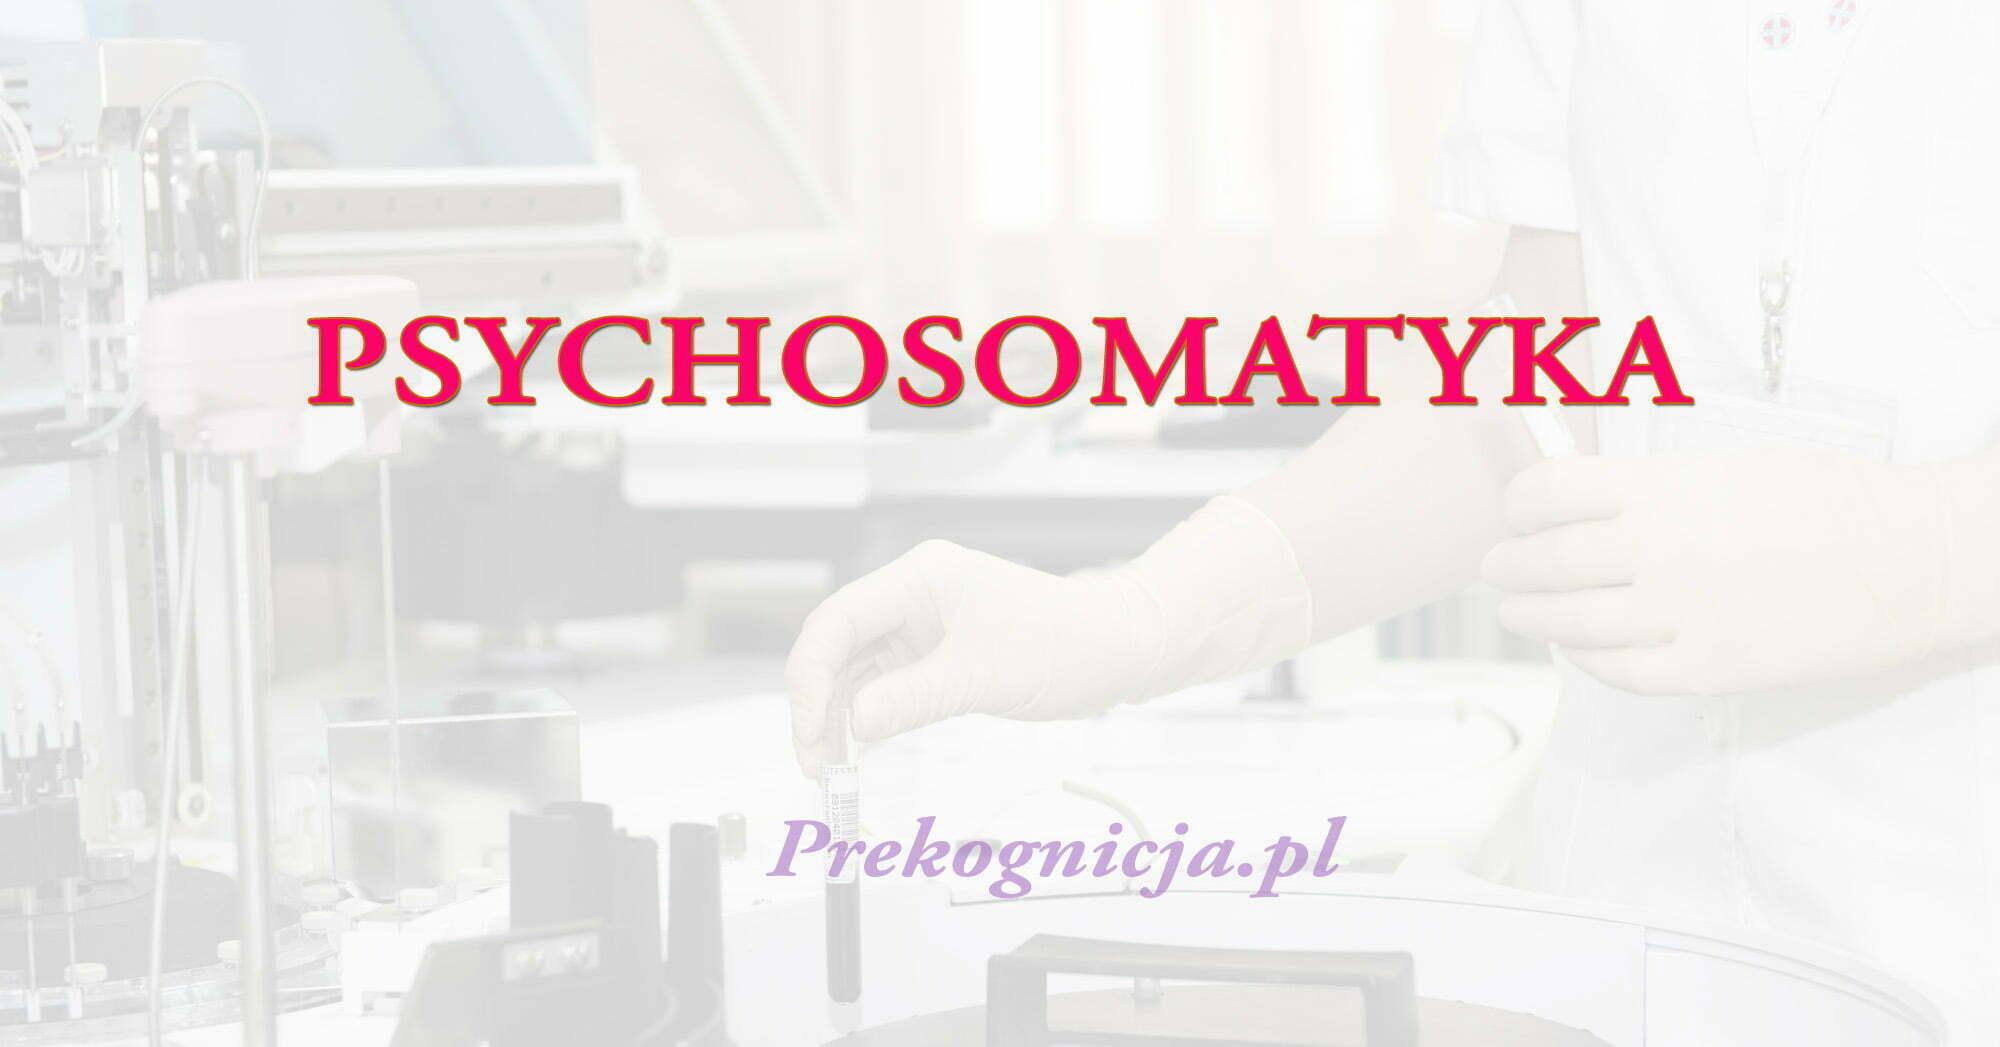 PSYCHOSOMATYKA - choroby psychosomatyczne skąd się biorą?